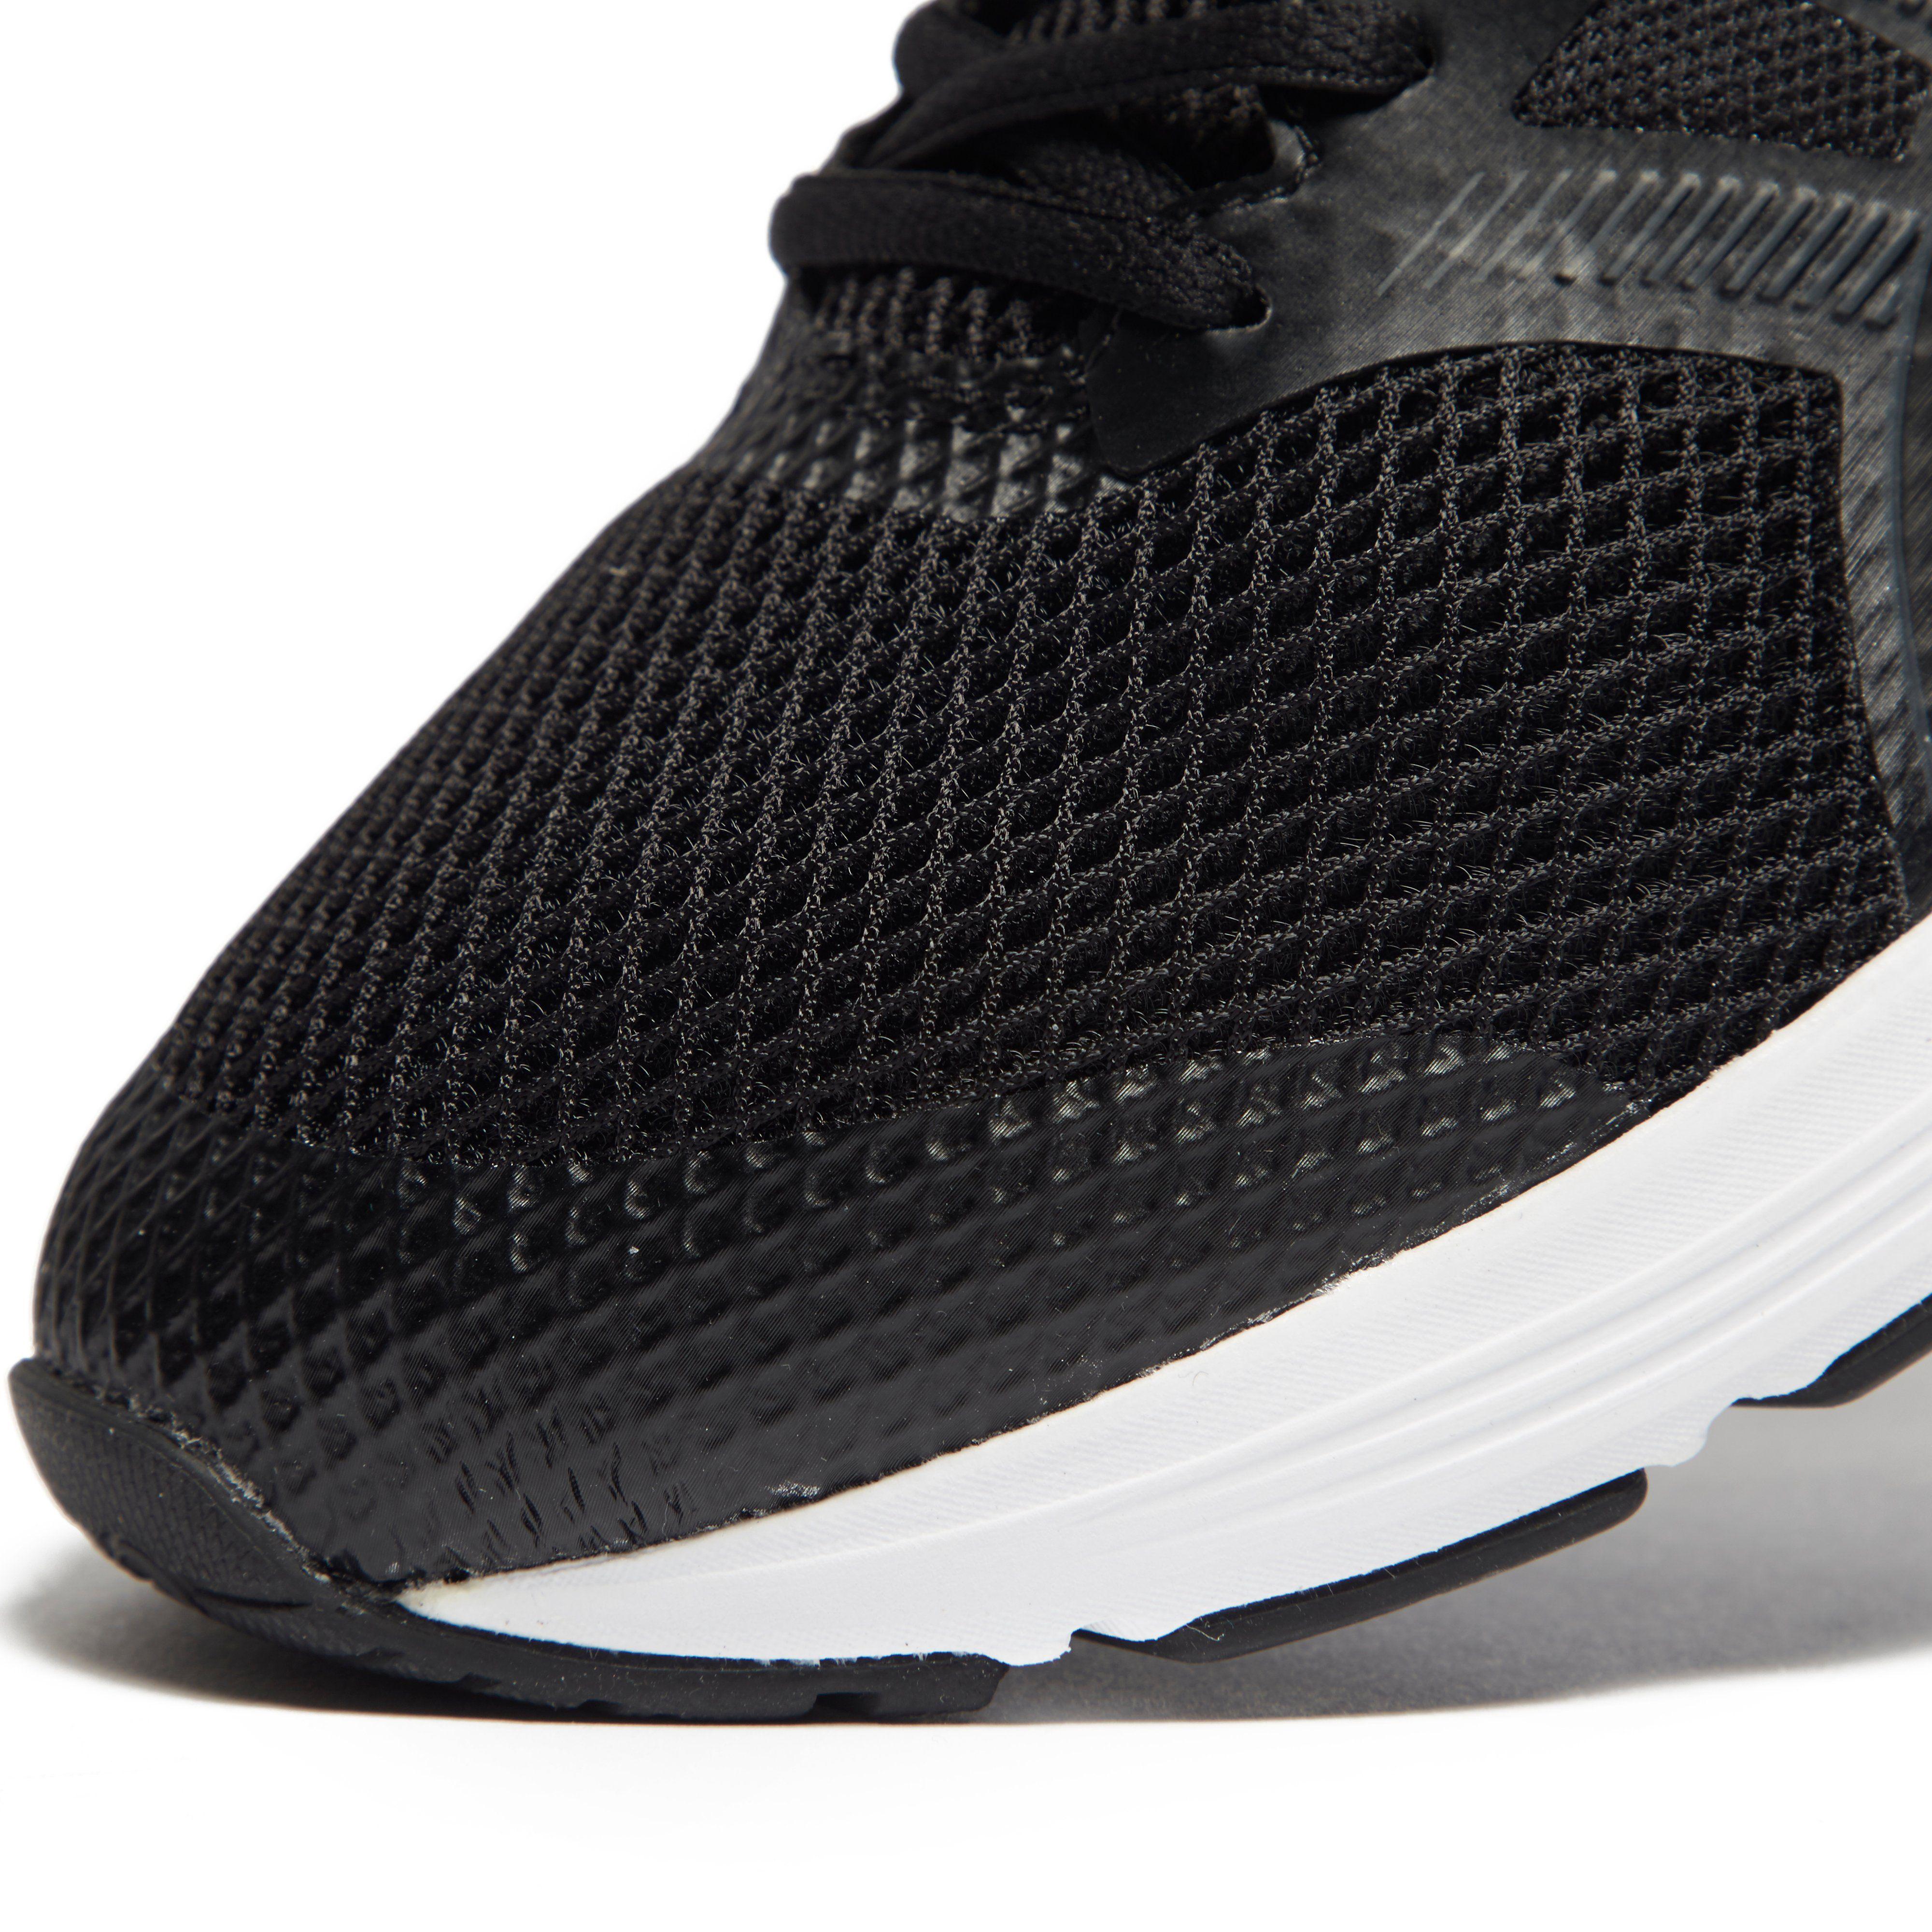 ASICS GEL-Exalt 5 Men's Running Shoes